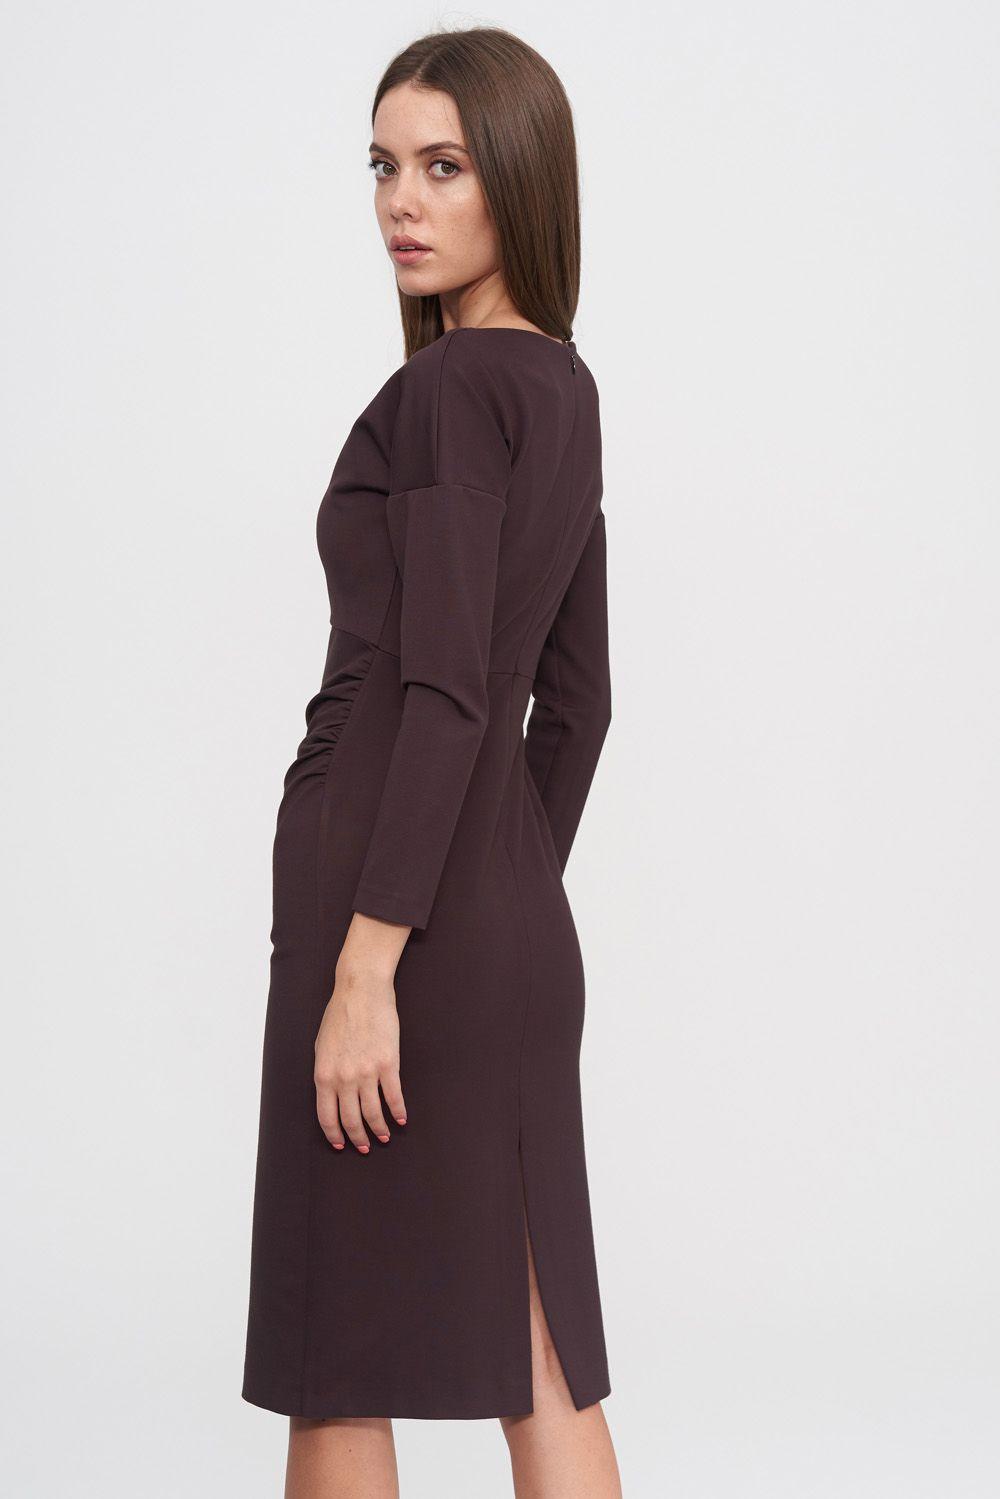 Платье женские Natali Bolgar модель 19057TR265 , 2017